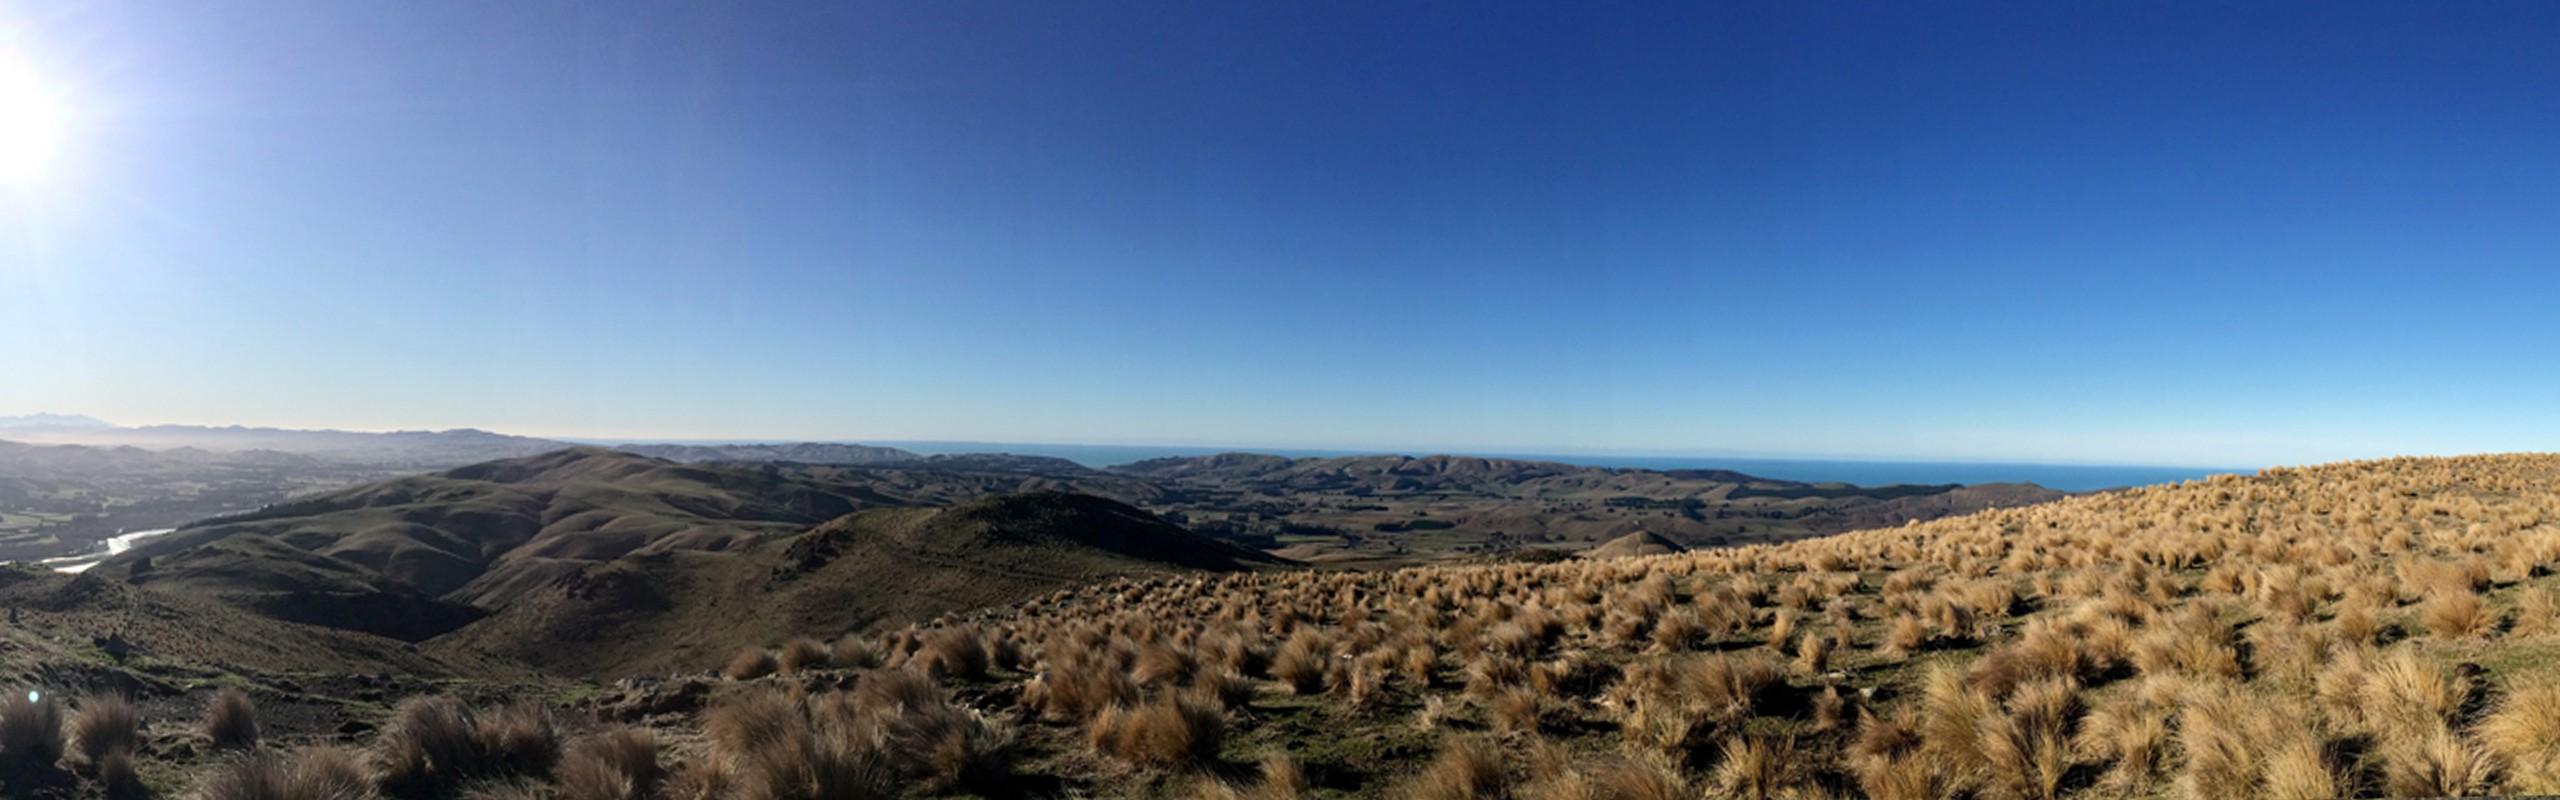 The Adventurous Kiwi